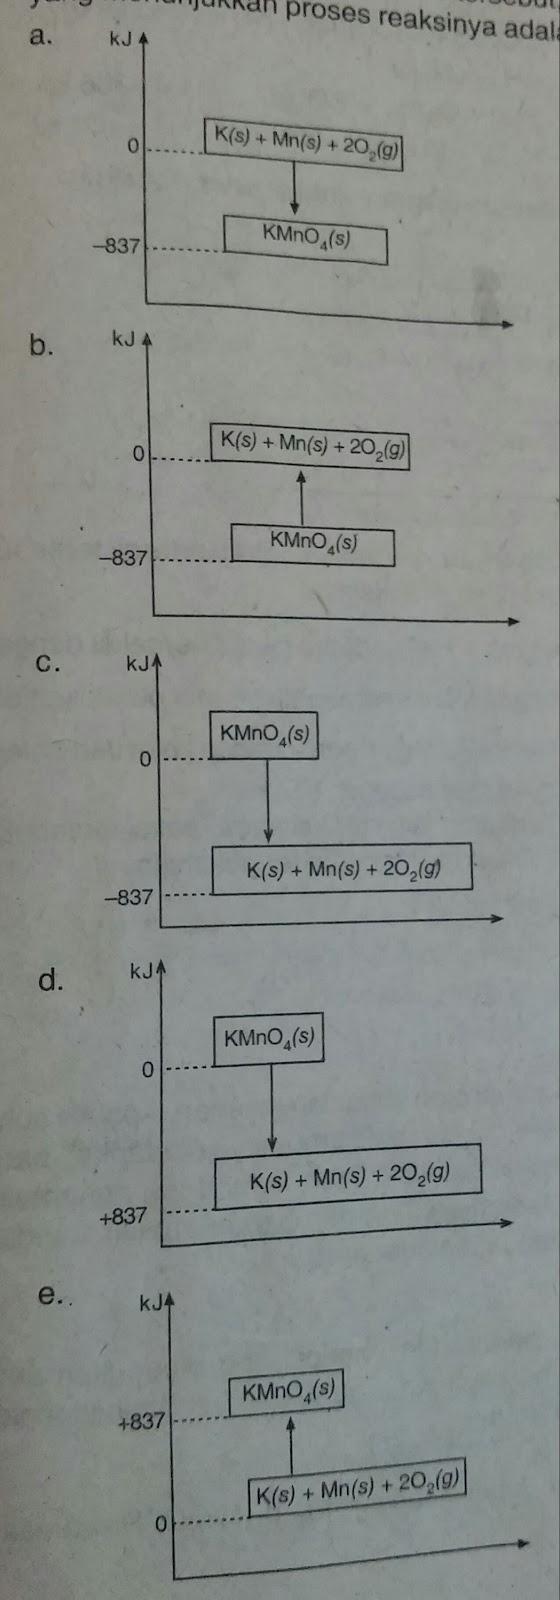 Tutorial menjawab soal kimia tentang sistem lingkungan eksoterm berdasarkan persamaan reaksi tersebut grafik yag menunjukkan proses reaksinya adalah ccuart Gallery